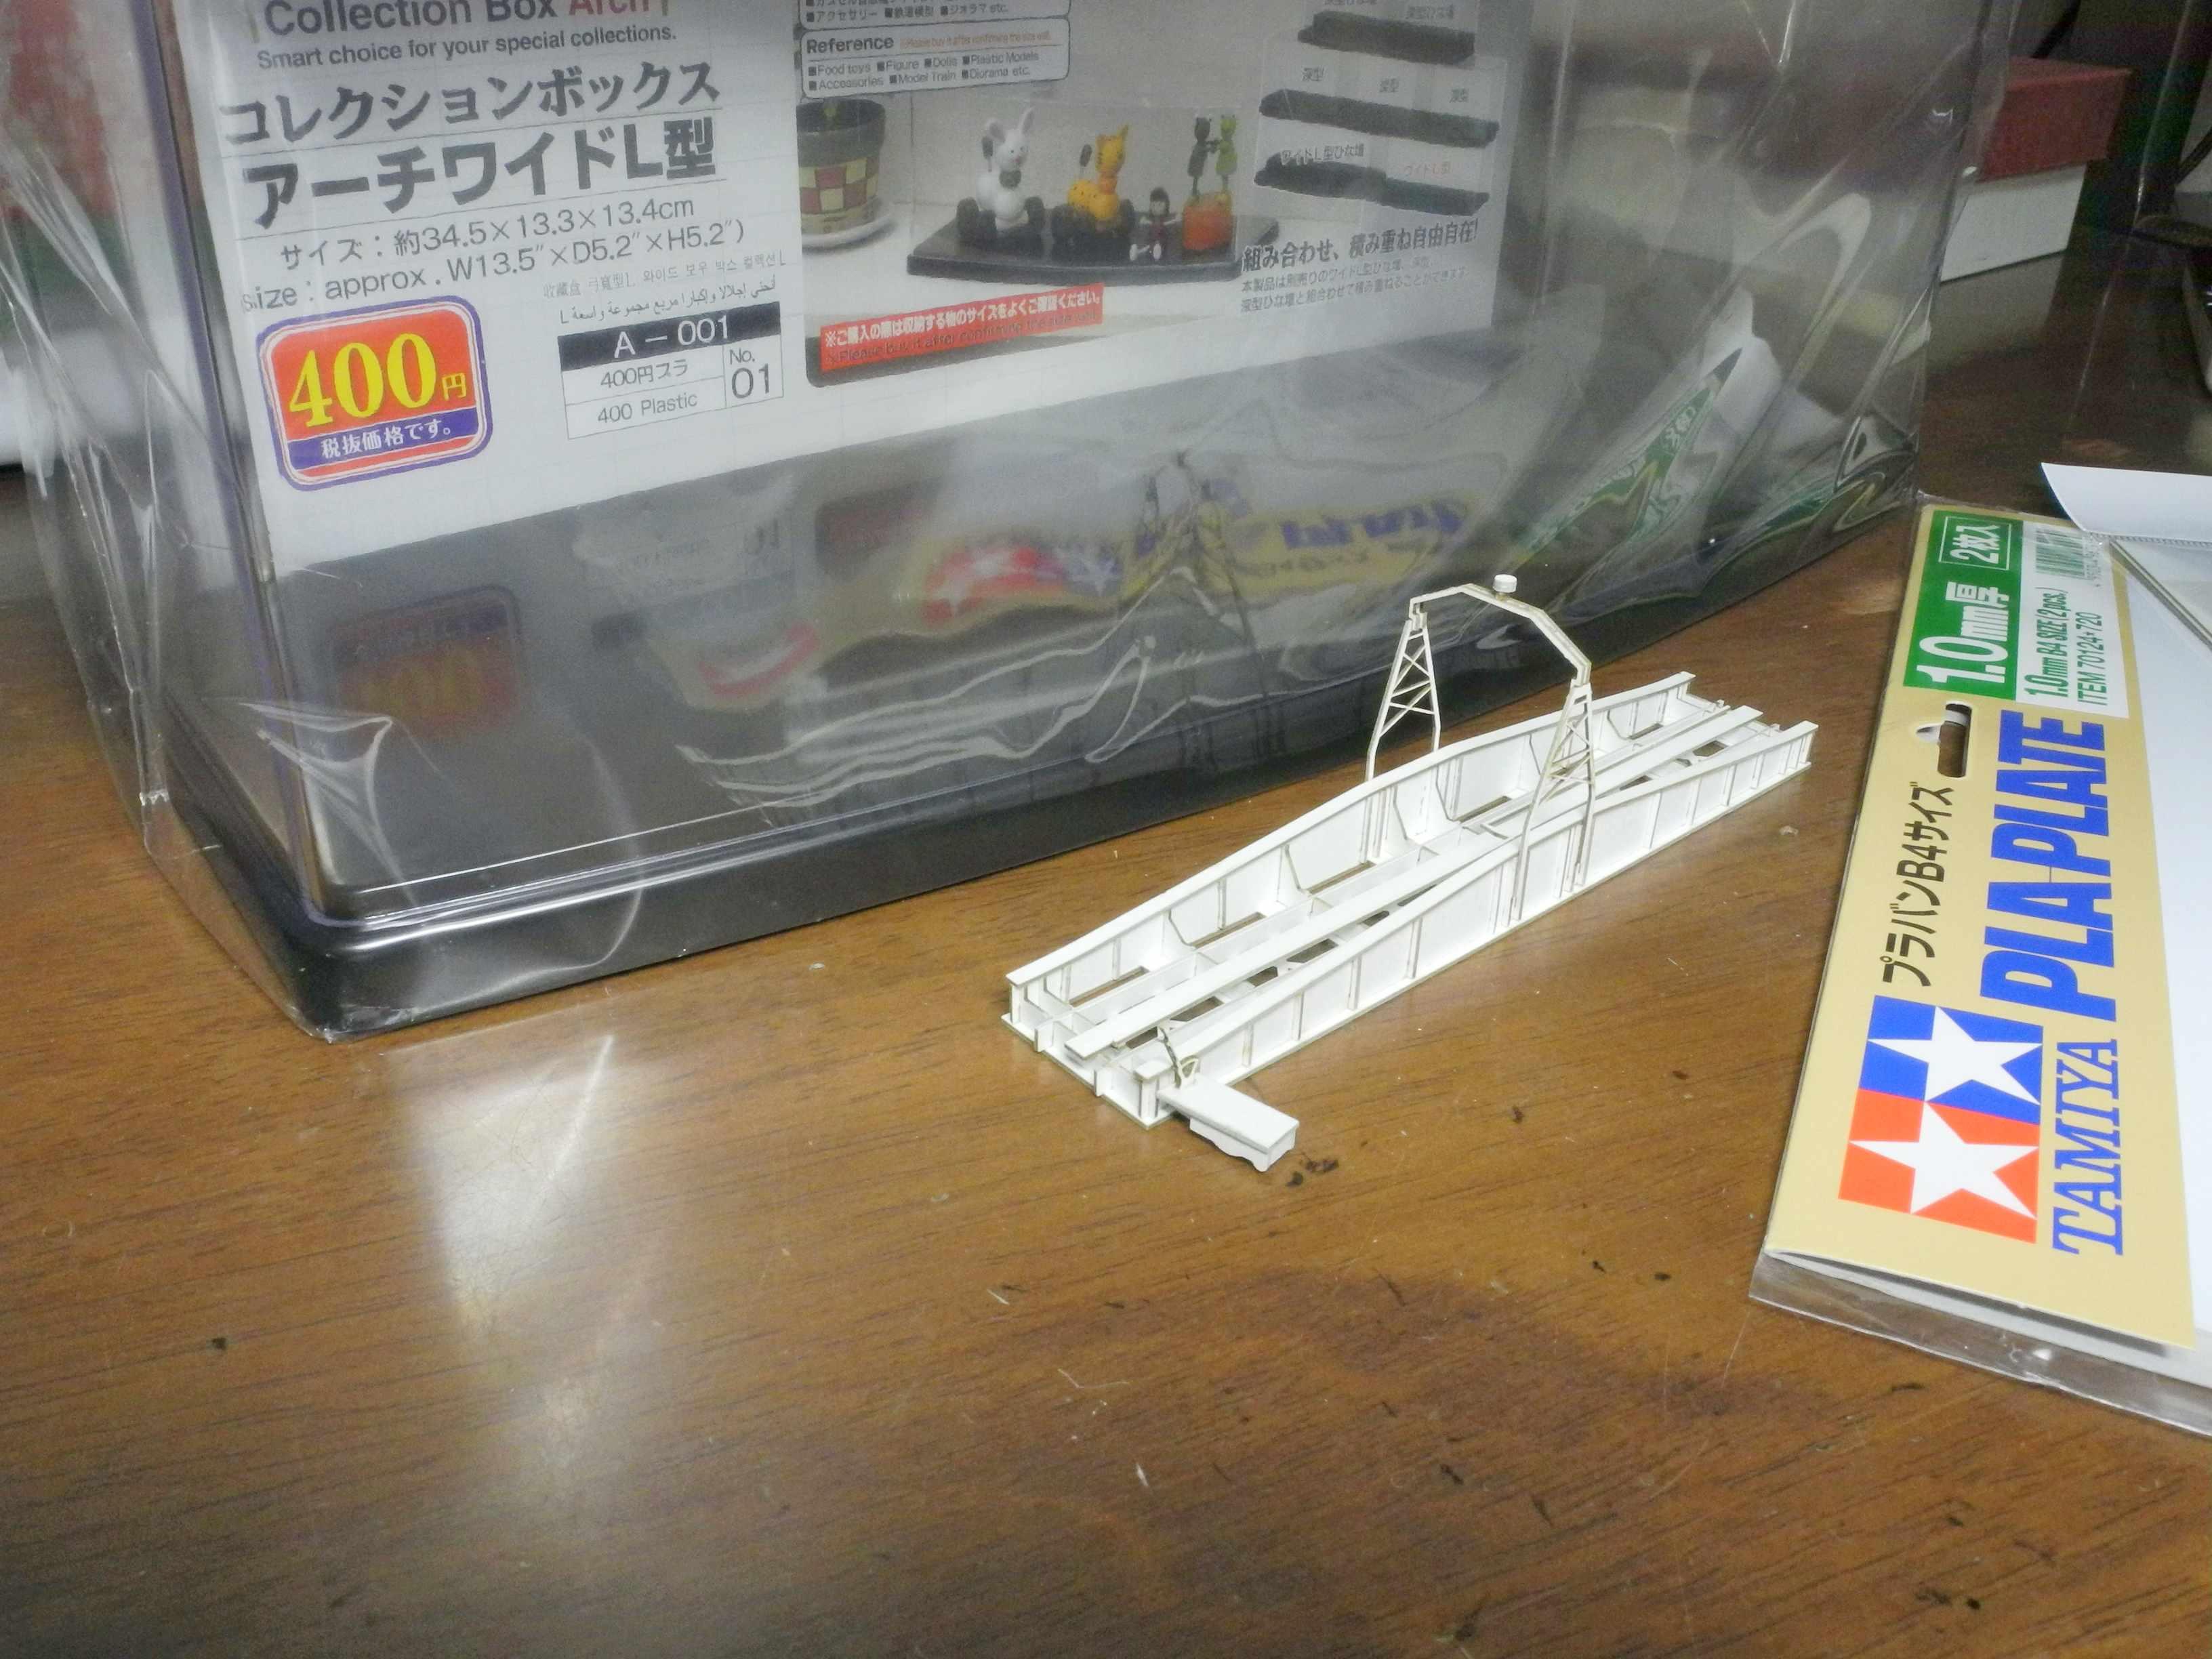 DSCN5993-1.jpg